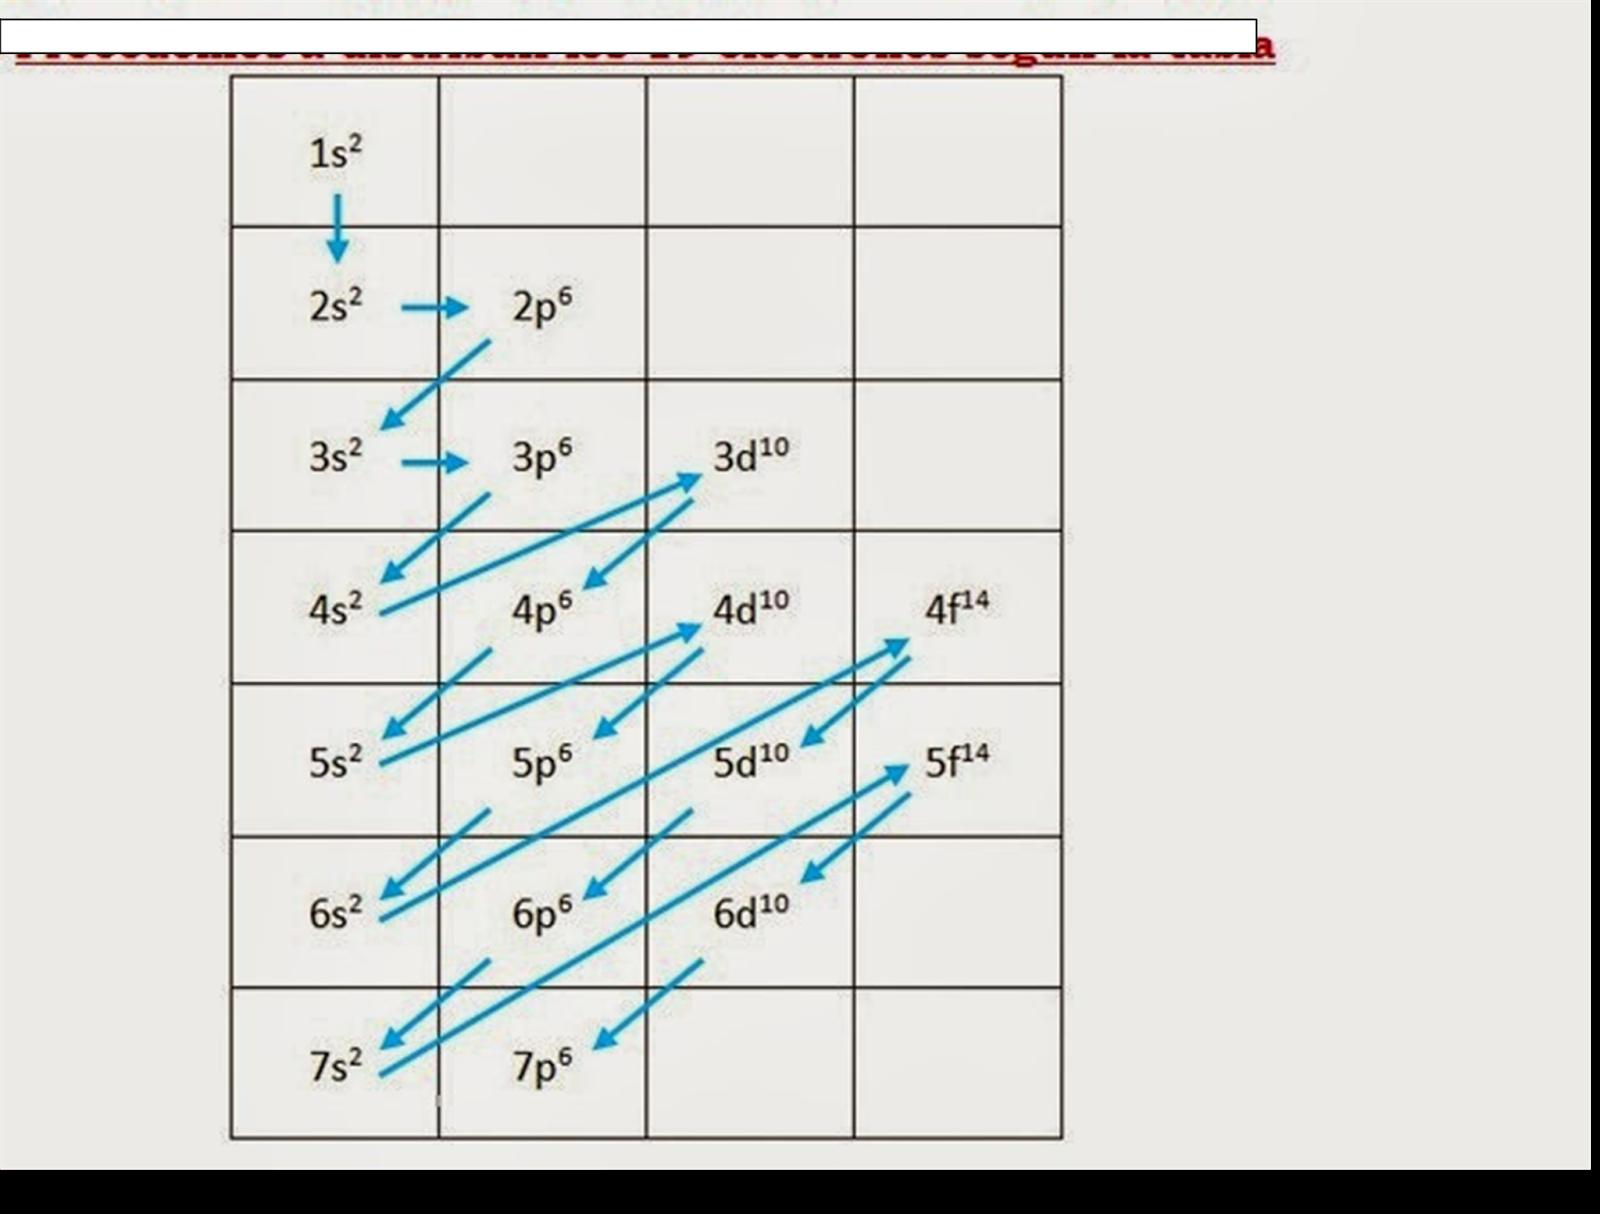 Fsica y qumica 3 y 4 de eso procederemos a distribuir los 11 electrones segn la tabla urtaz Gallery